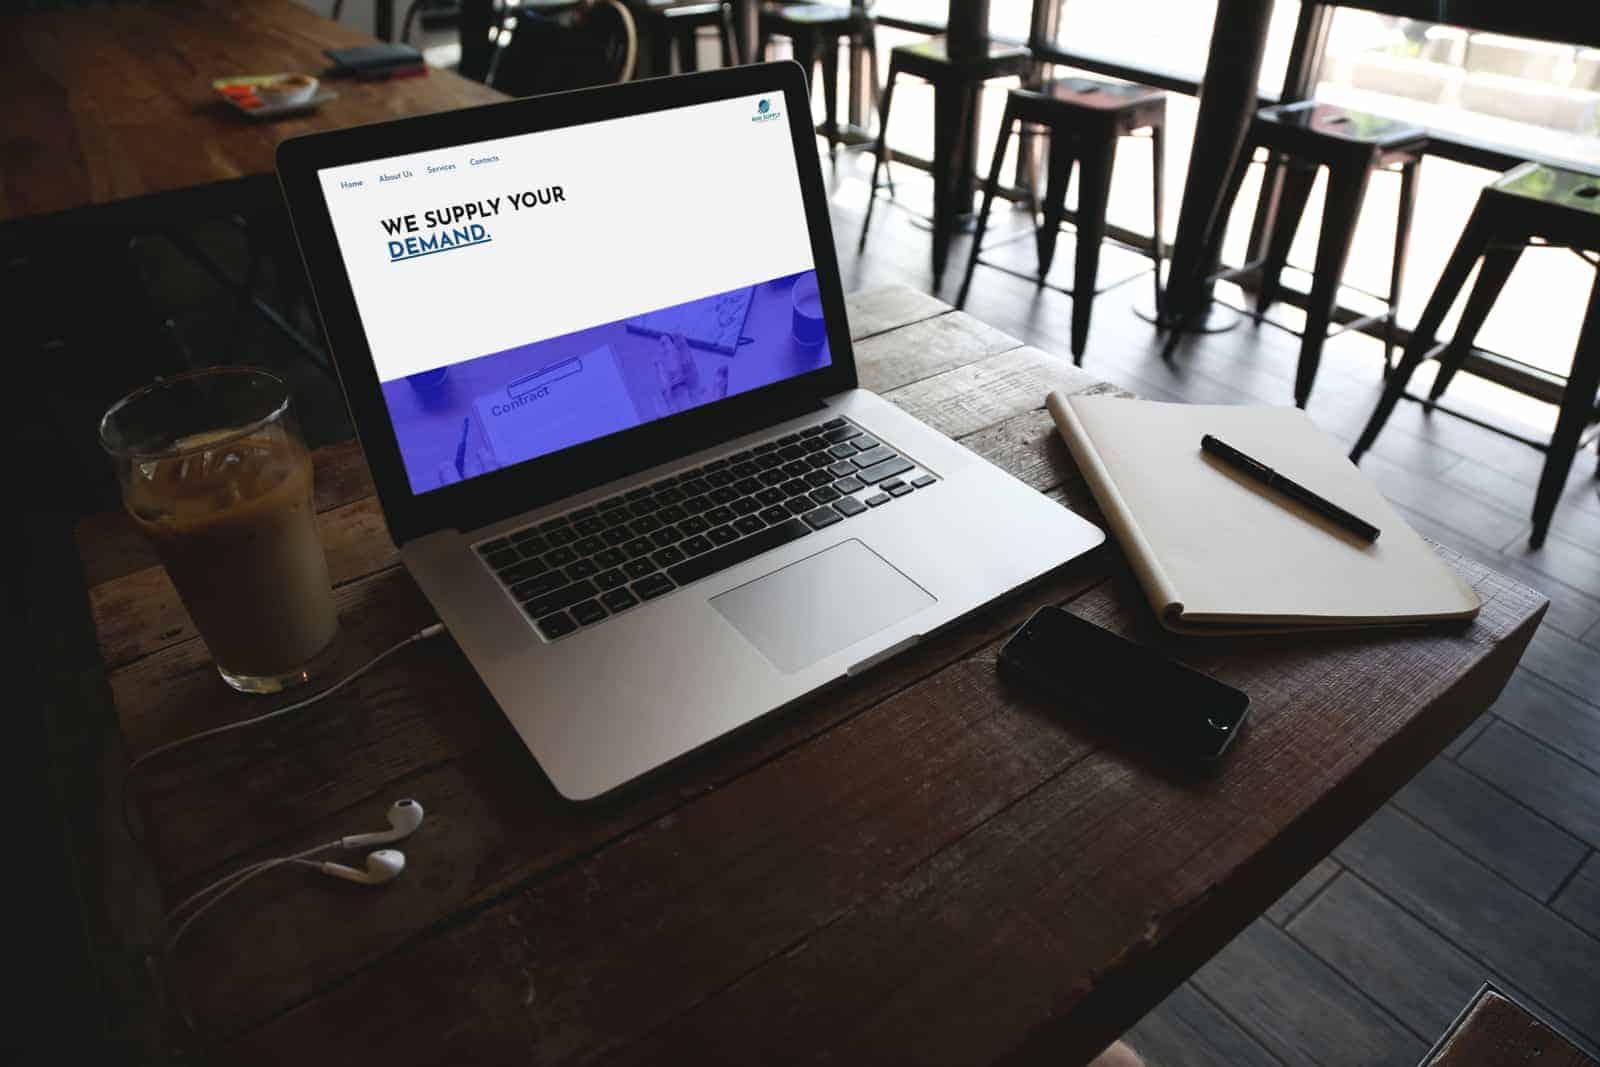 شركة إبداع التصوير والتسويق الالكتروني, تصوير احترافي, تسويق الكتروني, تصميم مواقع, تصميم هويات بصرية, جرافيك ديزاين, موشن جرافيك, مونتاج فيديو, فيديو 3D, شركة تسويق الكتروني في تركيا, شركة تصوير احترافي في اسطنبول, تصوير منتجات, شركة تصميم مواقع في اسطنبول, تصميم مواقع في اسطنبول,